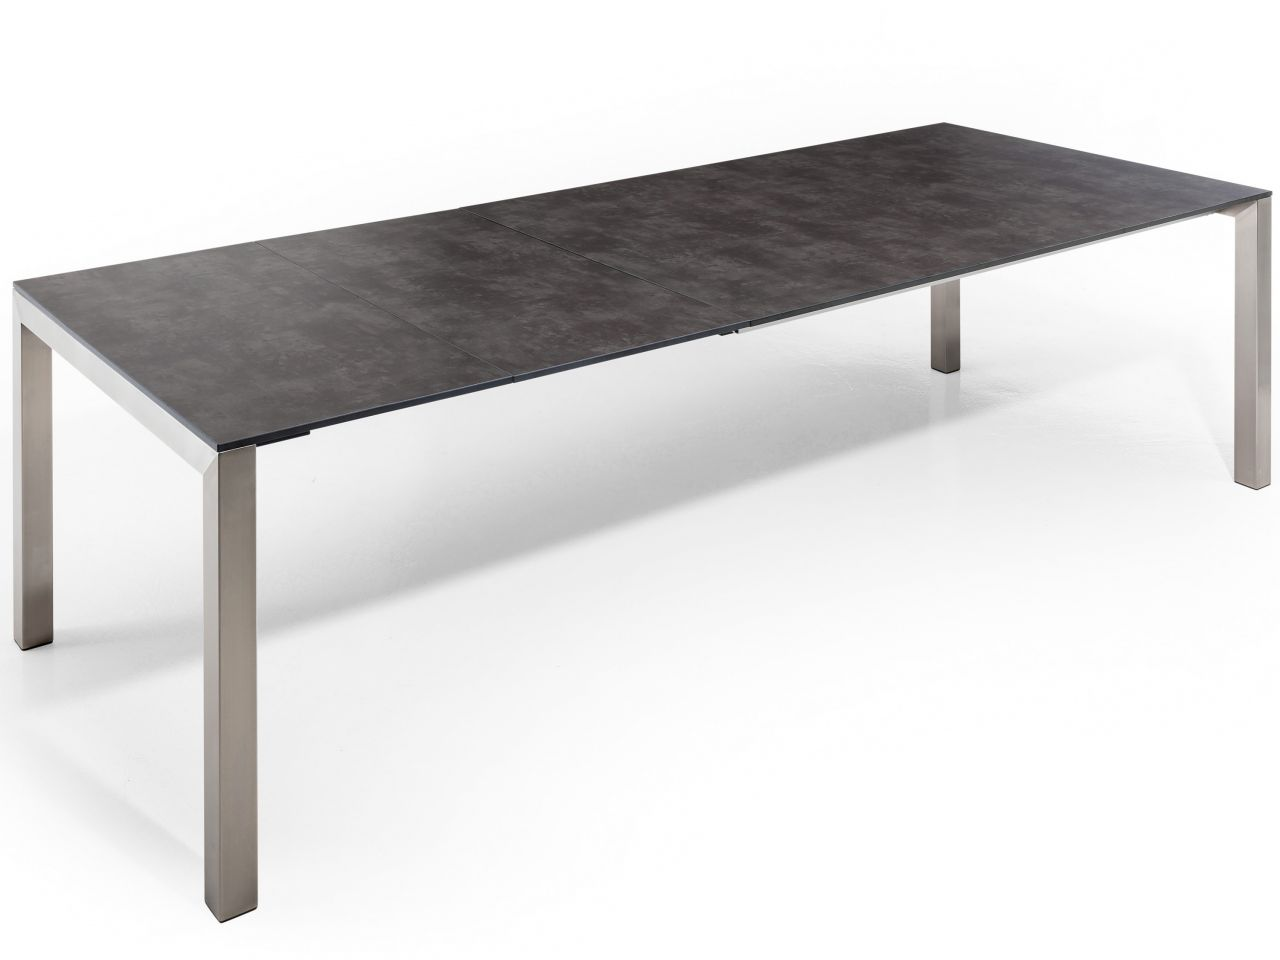 Tisch zweimal ausgezogen 260x100cm